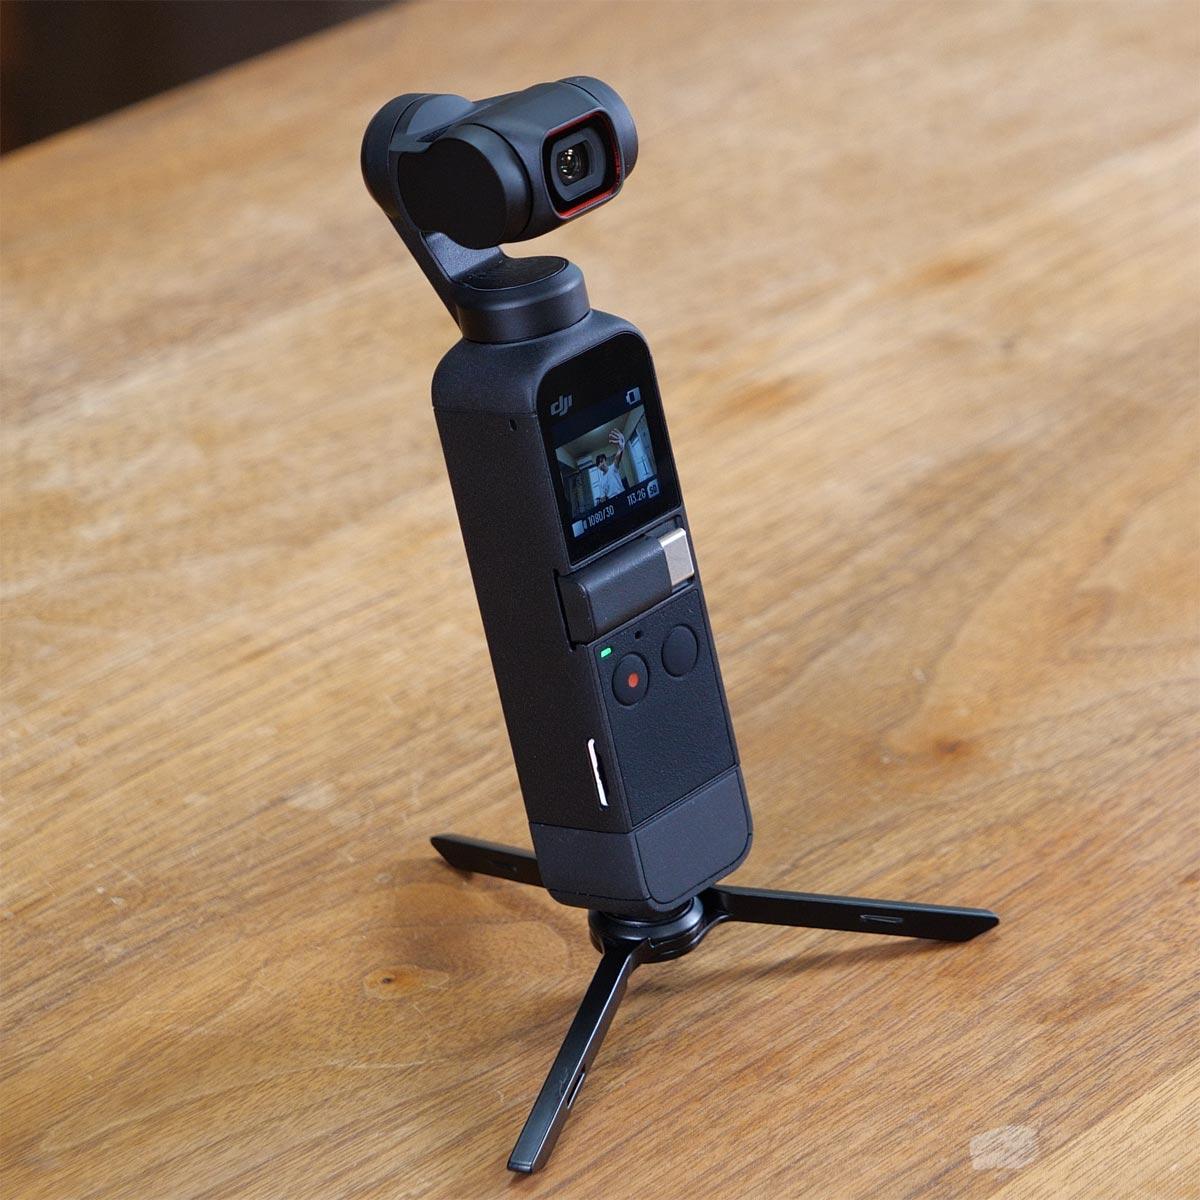 【動画】「DJI Pocket 2」速攻レビュー。広角レンズ搭載&HDR対応など新機能満載